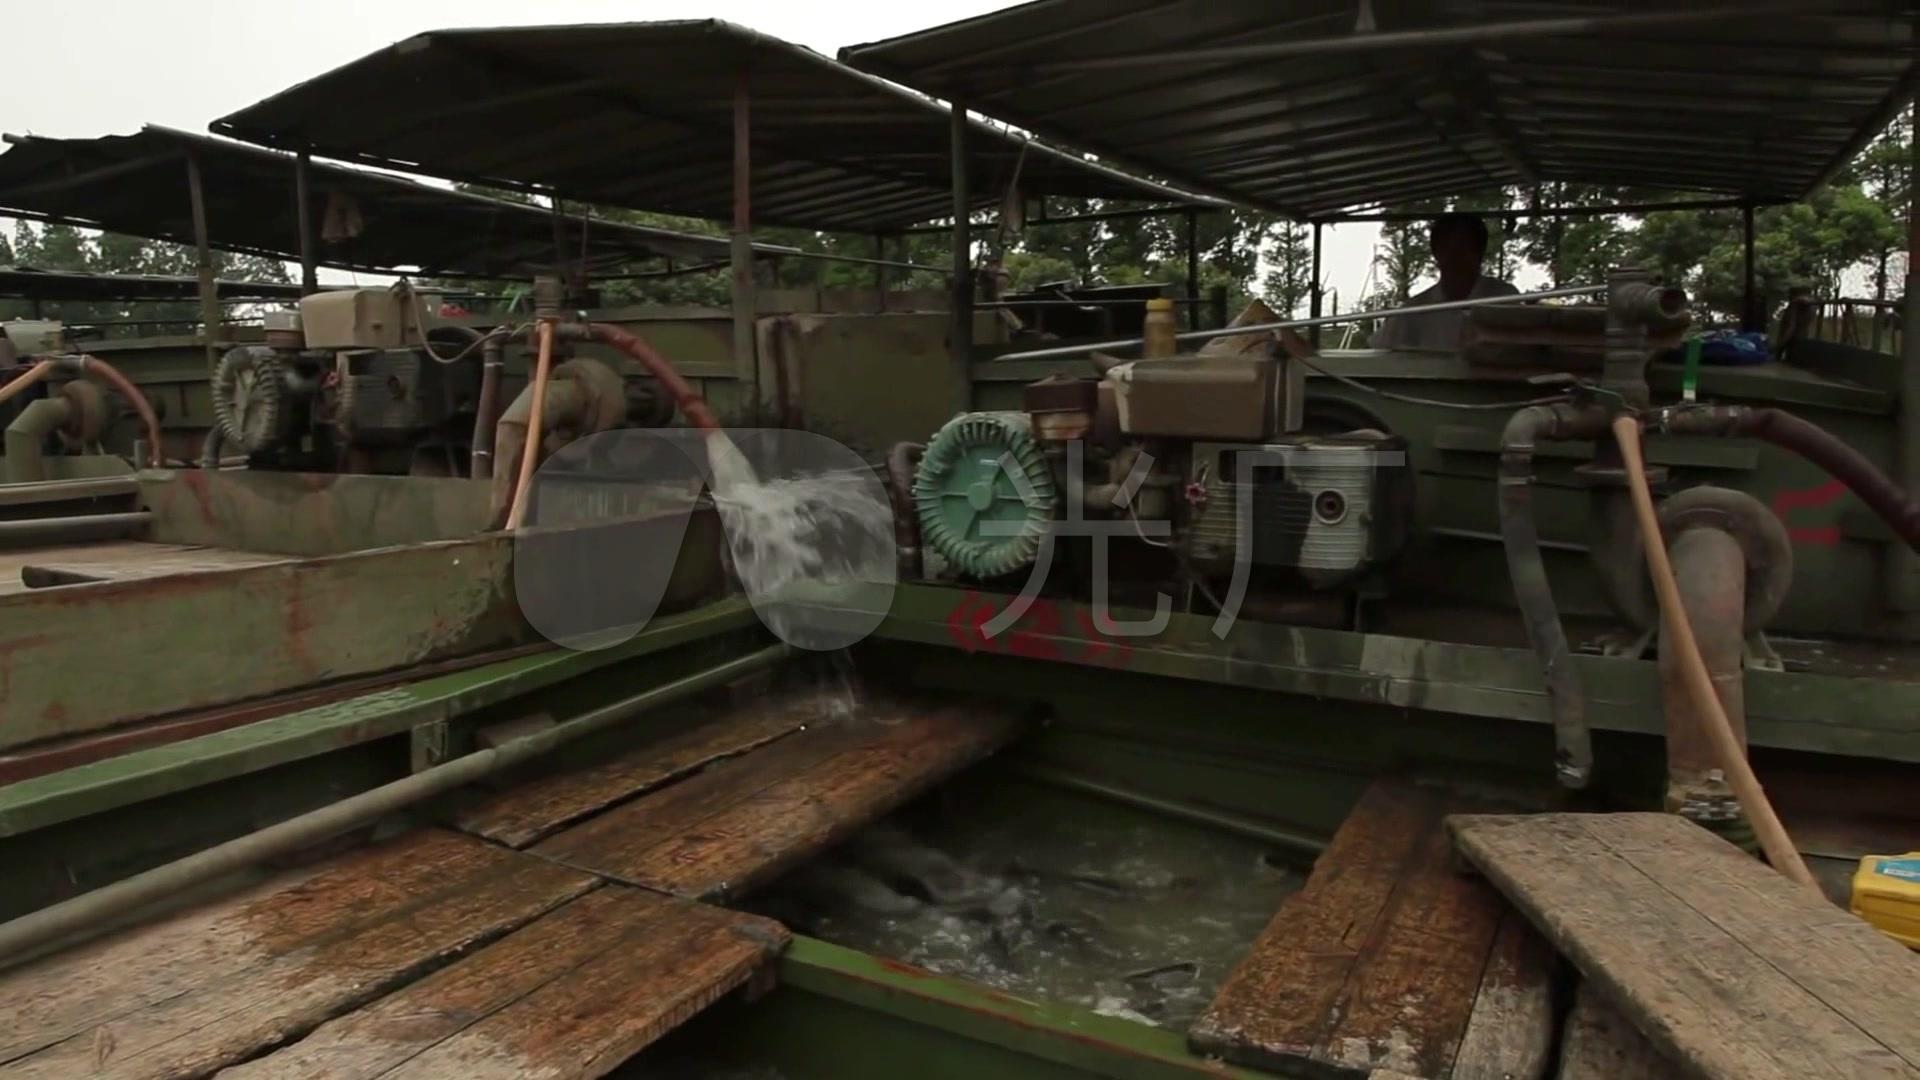 高清视频养鱼_1920X1080_鱼塘农村素材下载酥炖肉视频图片